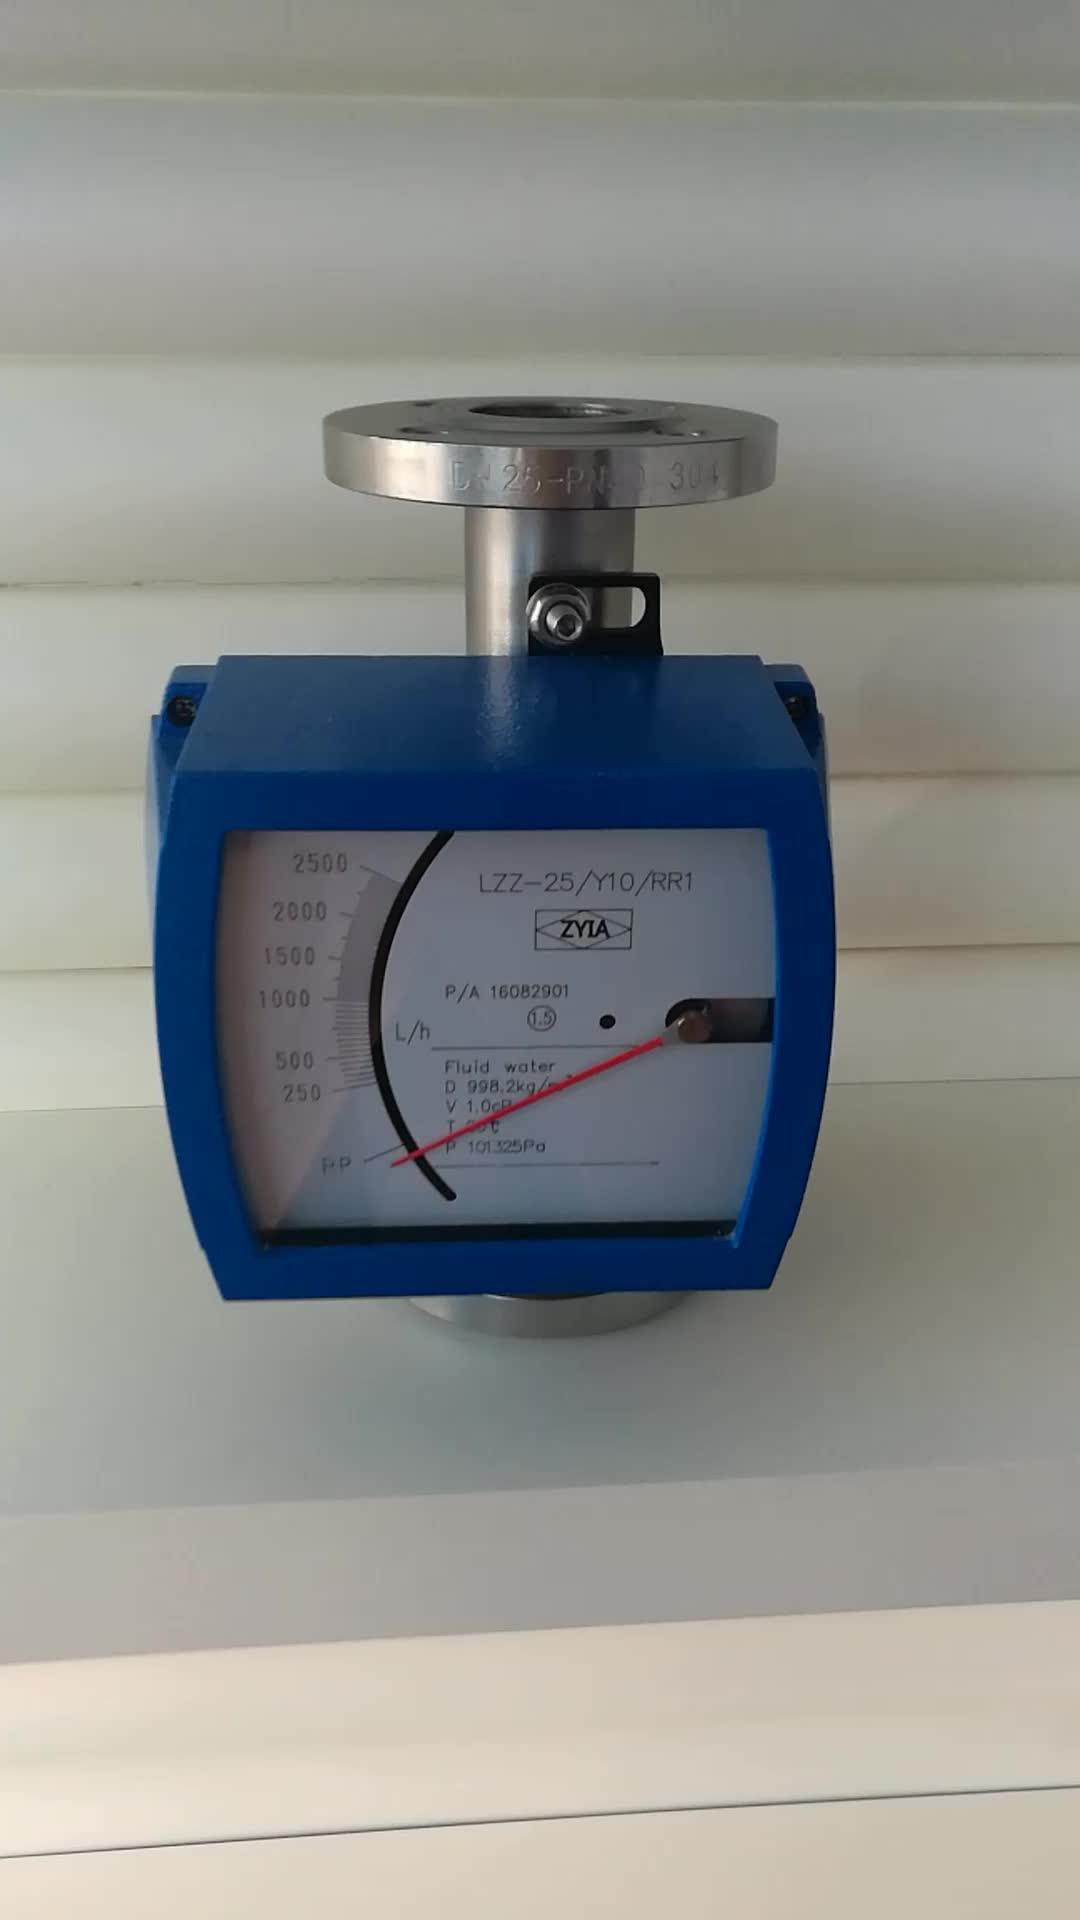 Digital Water Meter : Krohne industrial ma digital handheld water flow meter